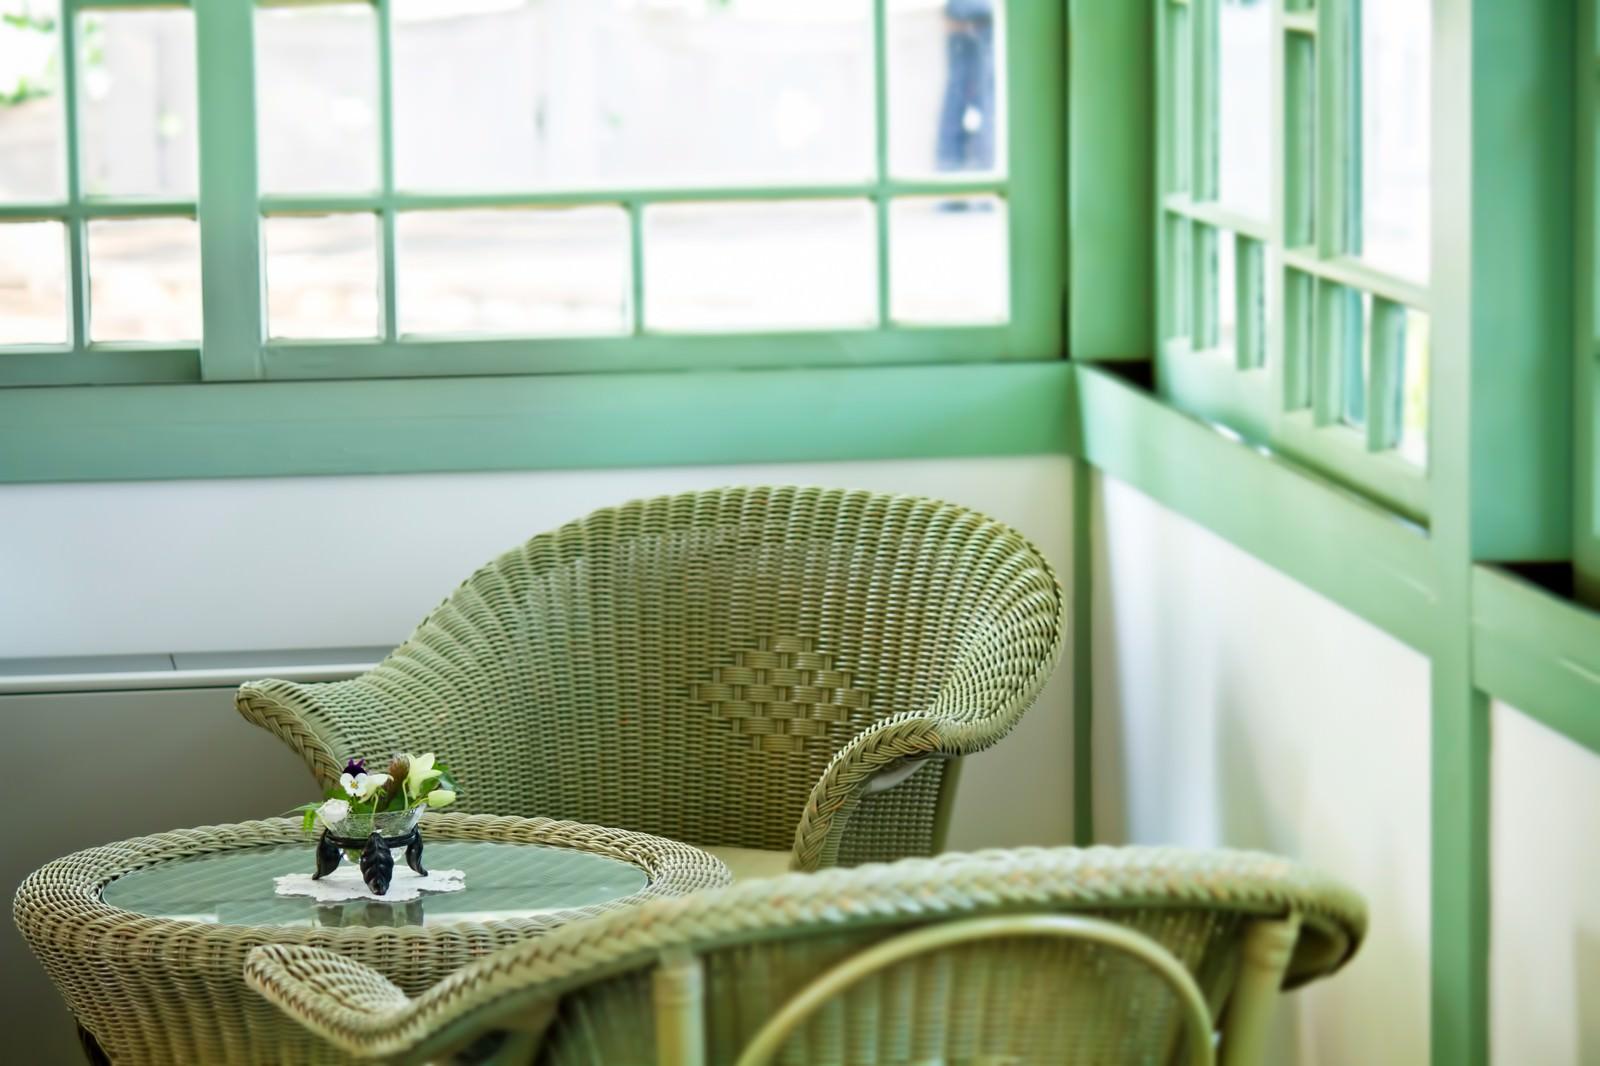 「窓辺の編まれた椅子」の写真